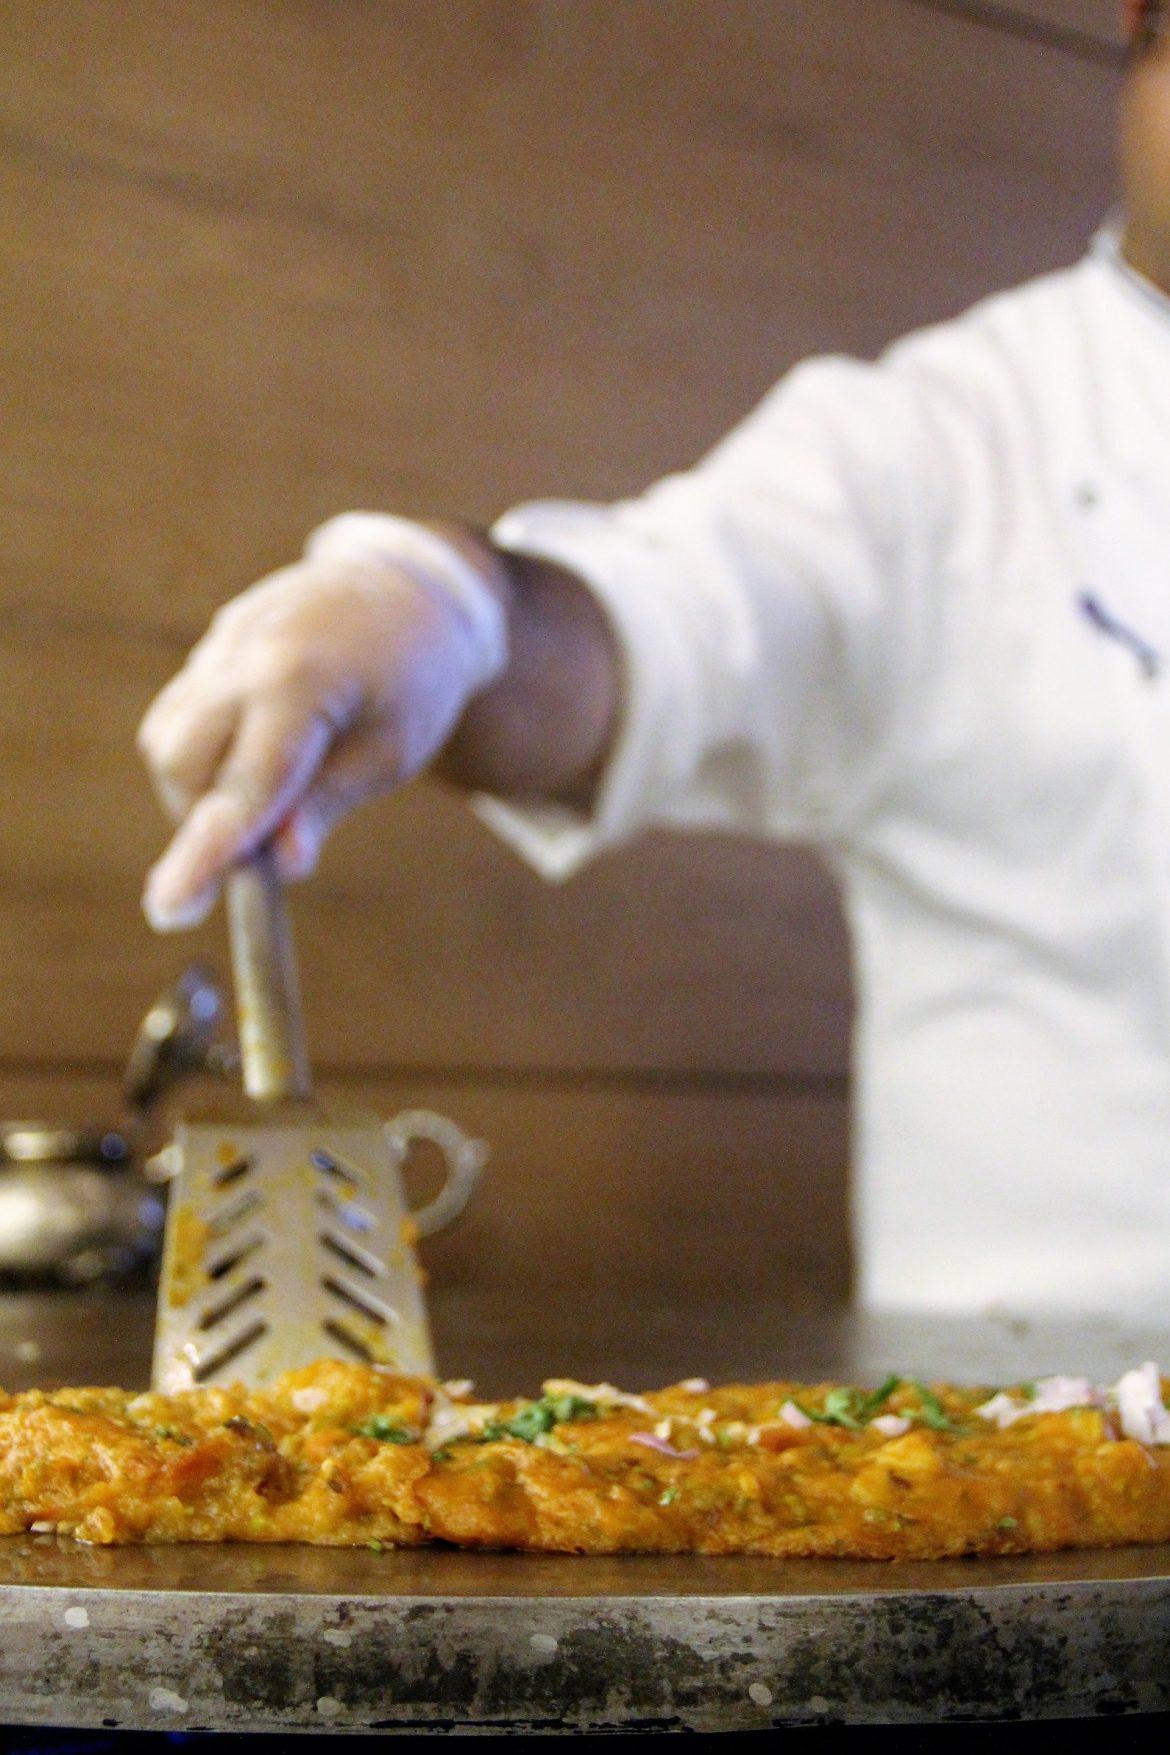 مطعم خيال أبوظبي يعلن عن أحدث عروضه الإستثنائية